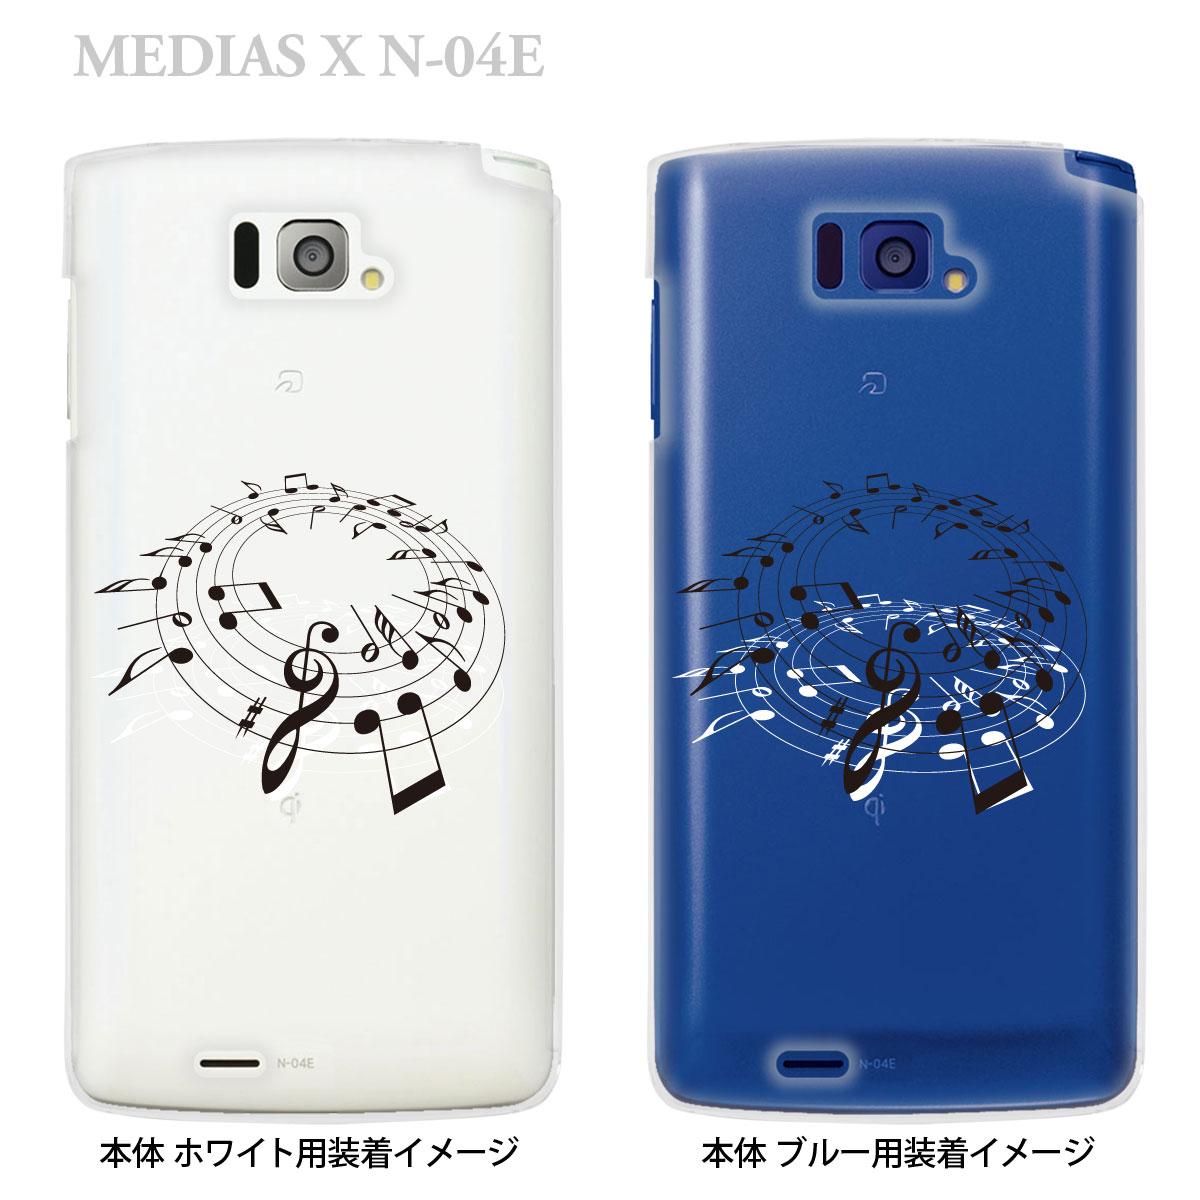 スマートフォン・携帯電話アクセサリー, ケース・カバー MEDIAS X N-04EN-04Edocomo 09-n04e-mu0004